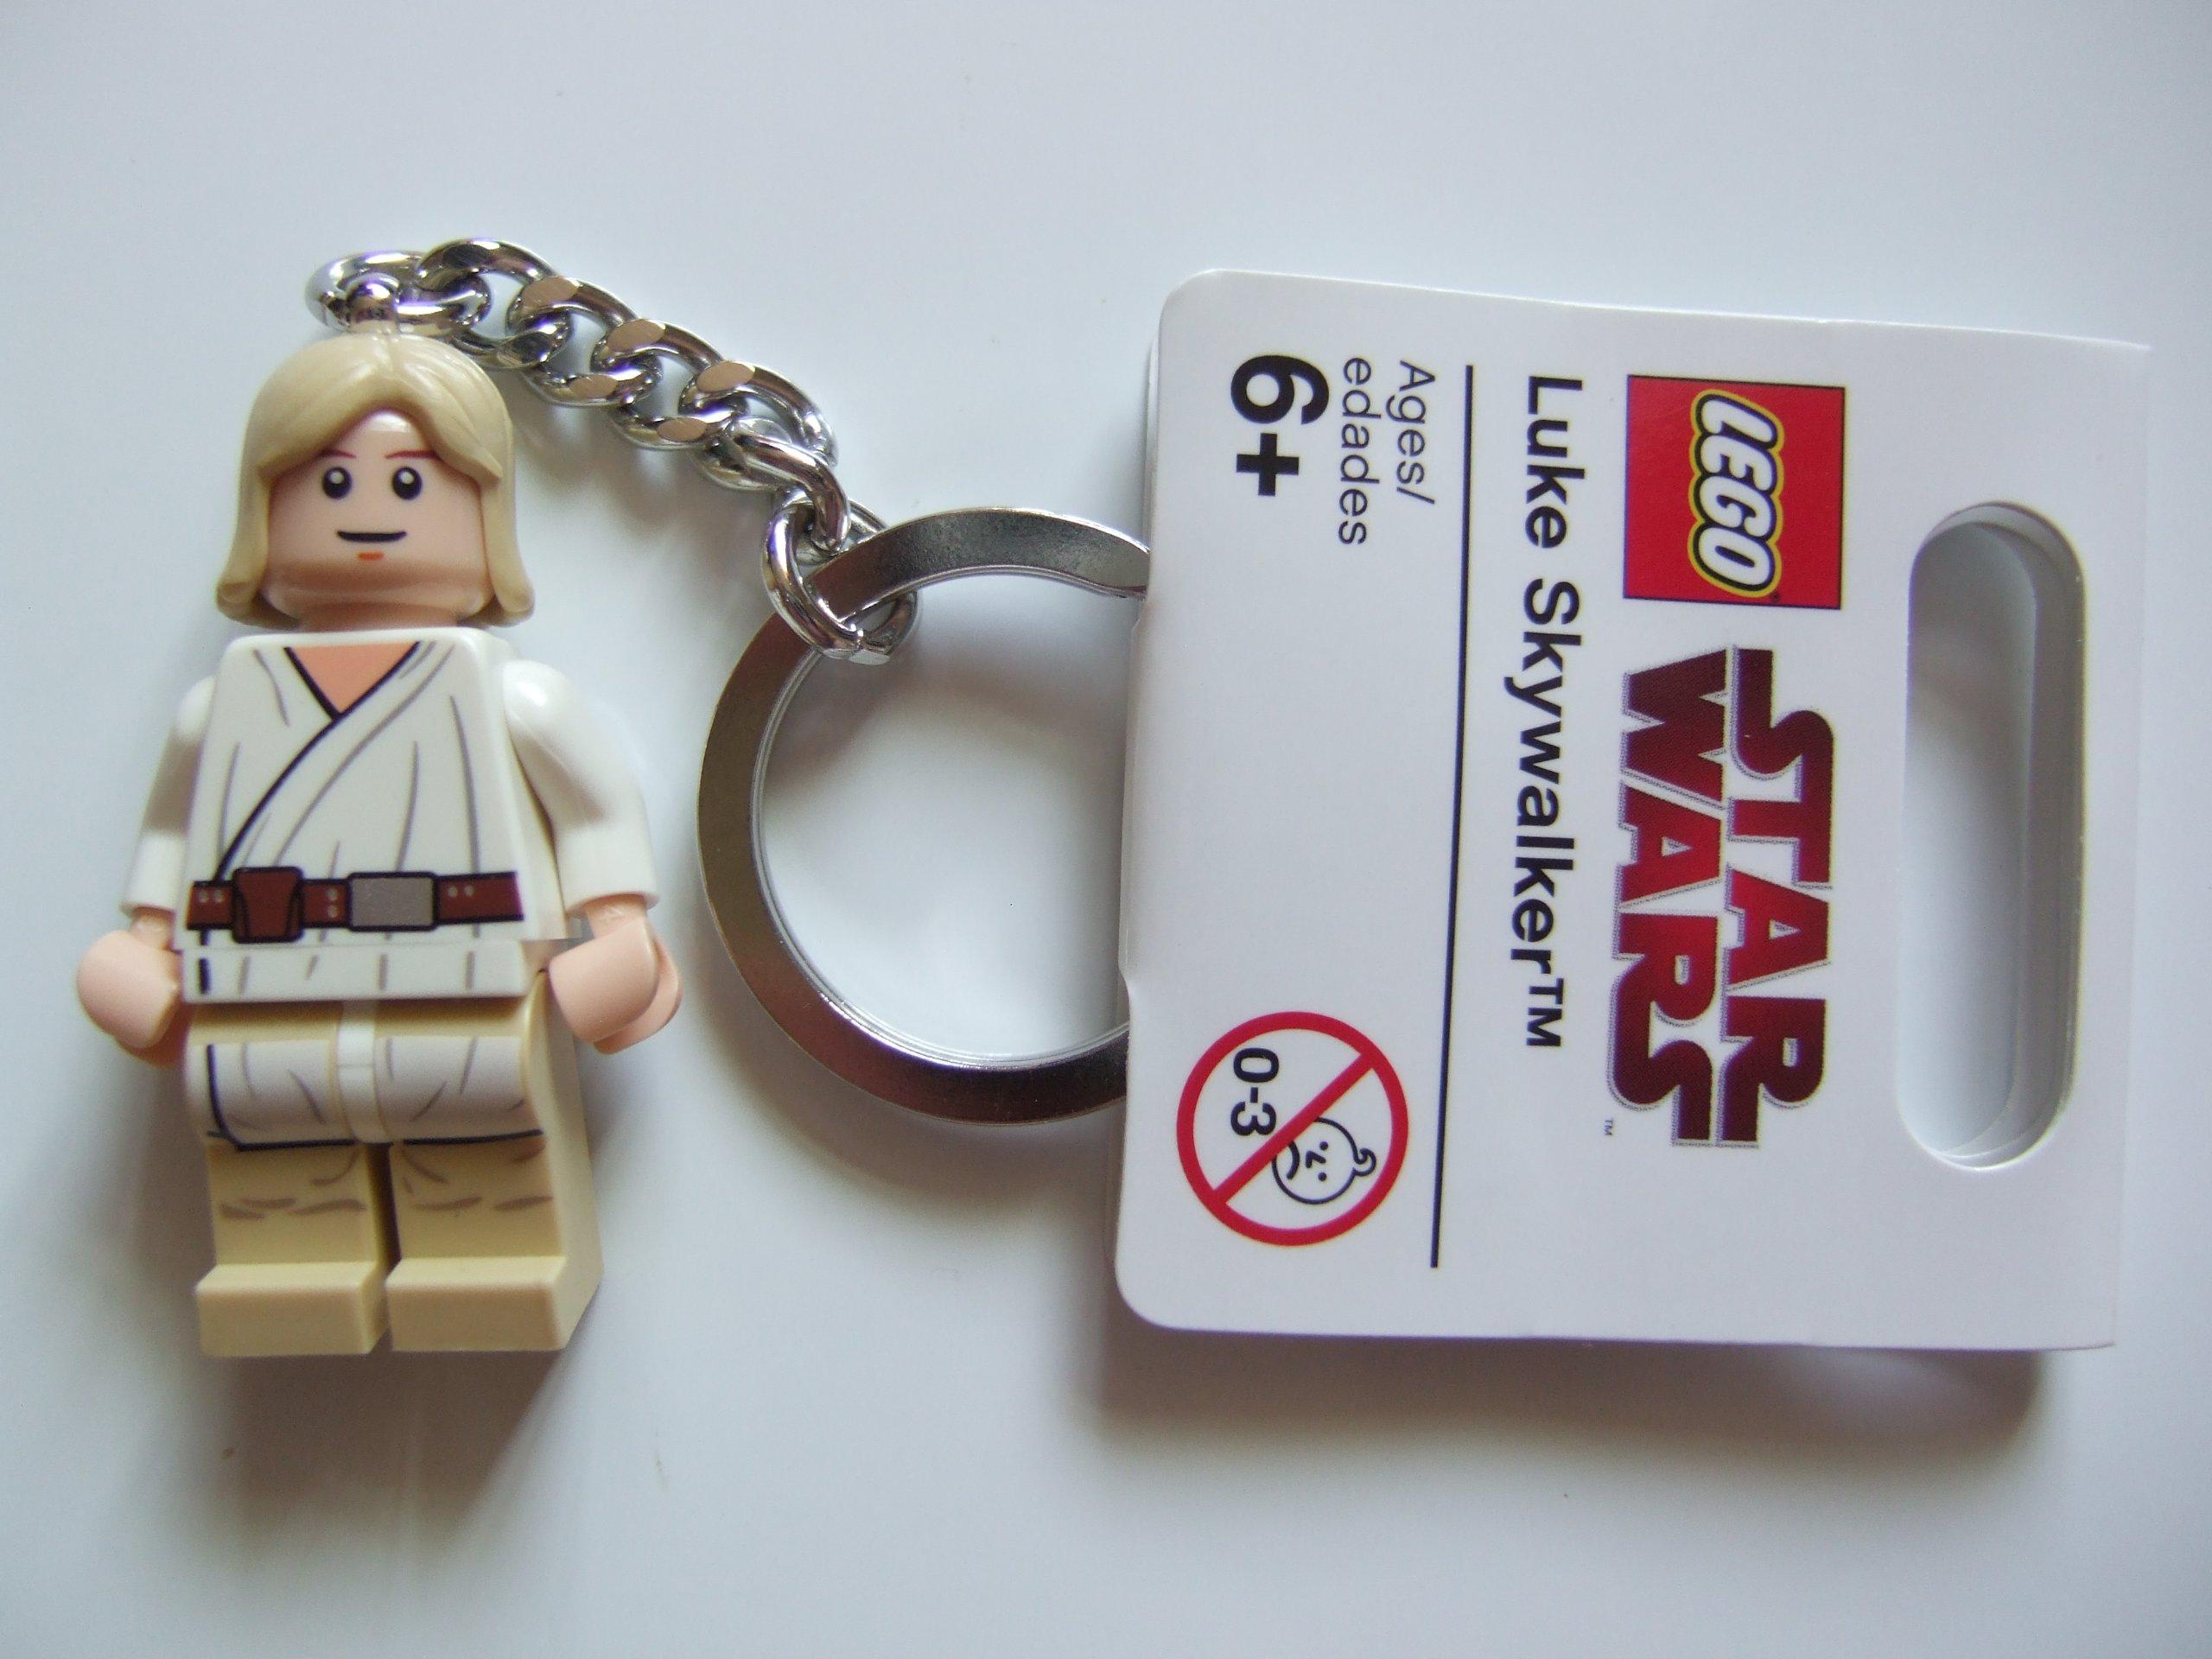 Lego 852944 Star Wars Luke Skywalker Key Chain